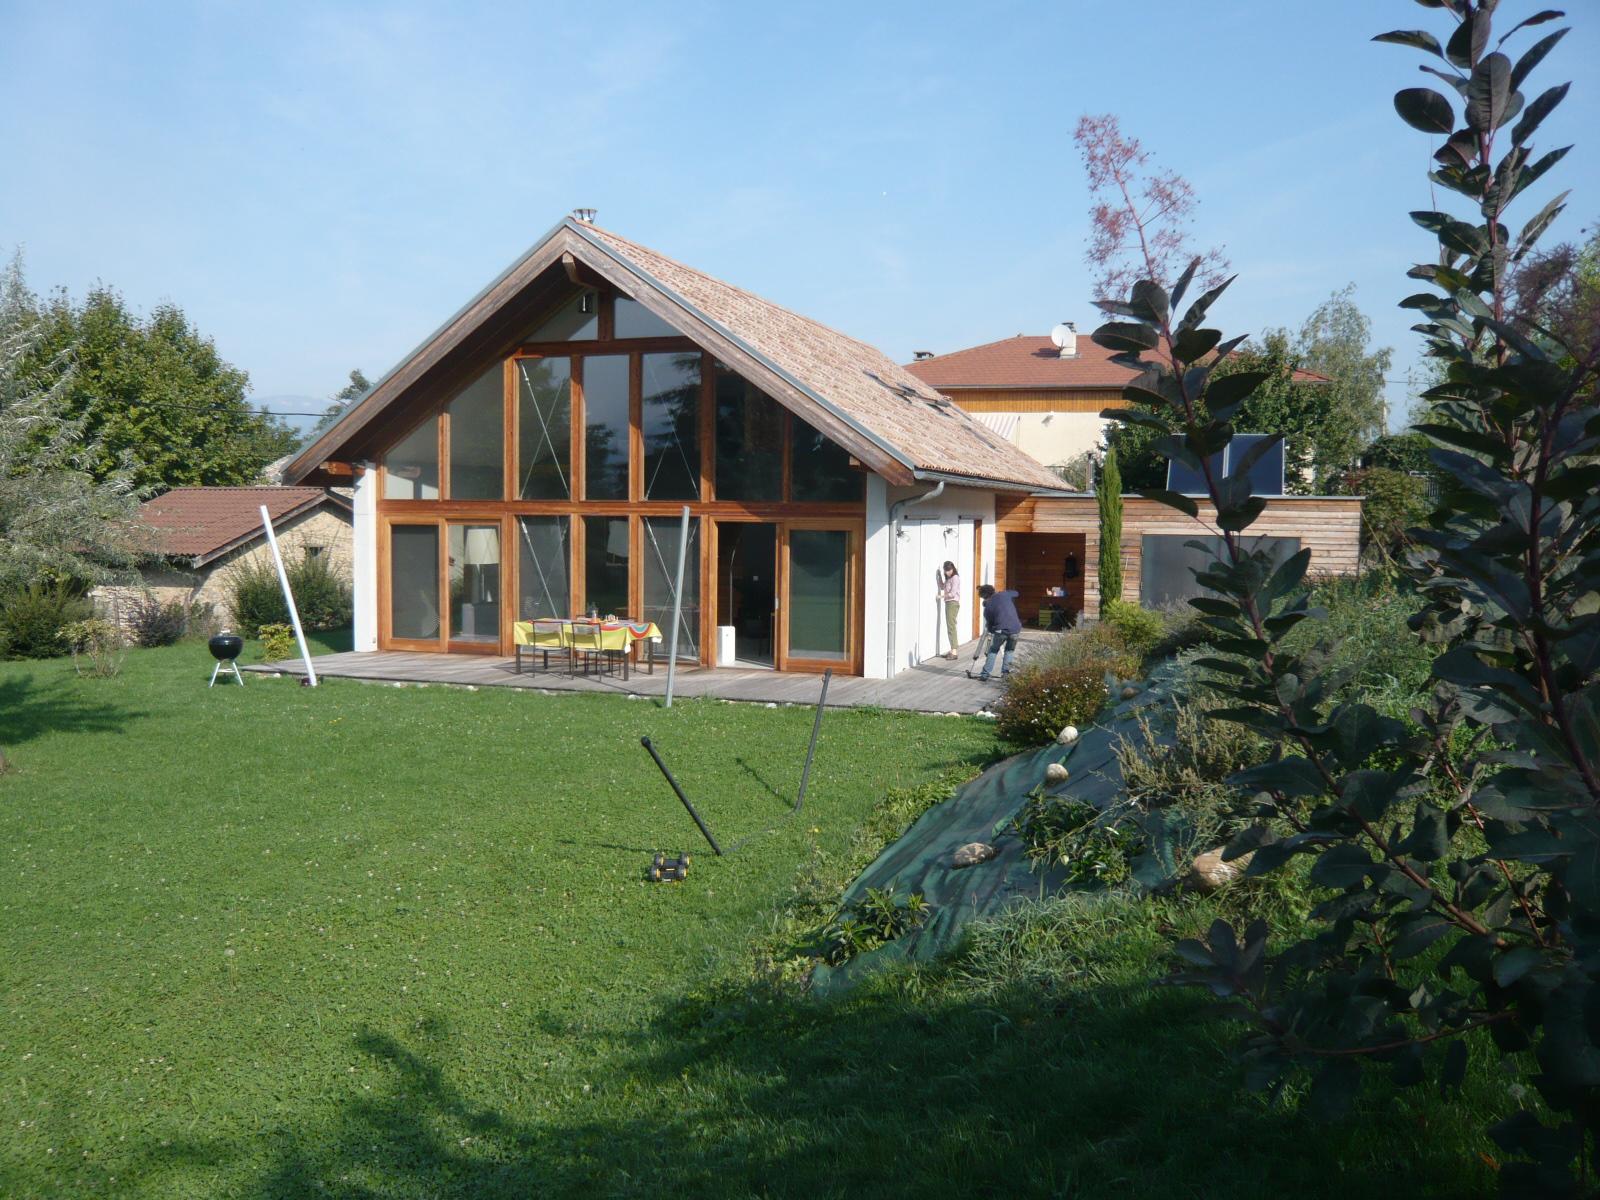 Maison contemporaine basse nergie champagnier 38 for Architecte lyon maison contemporaine